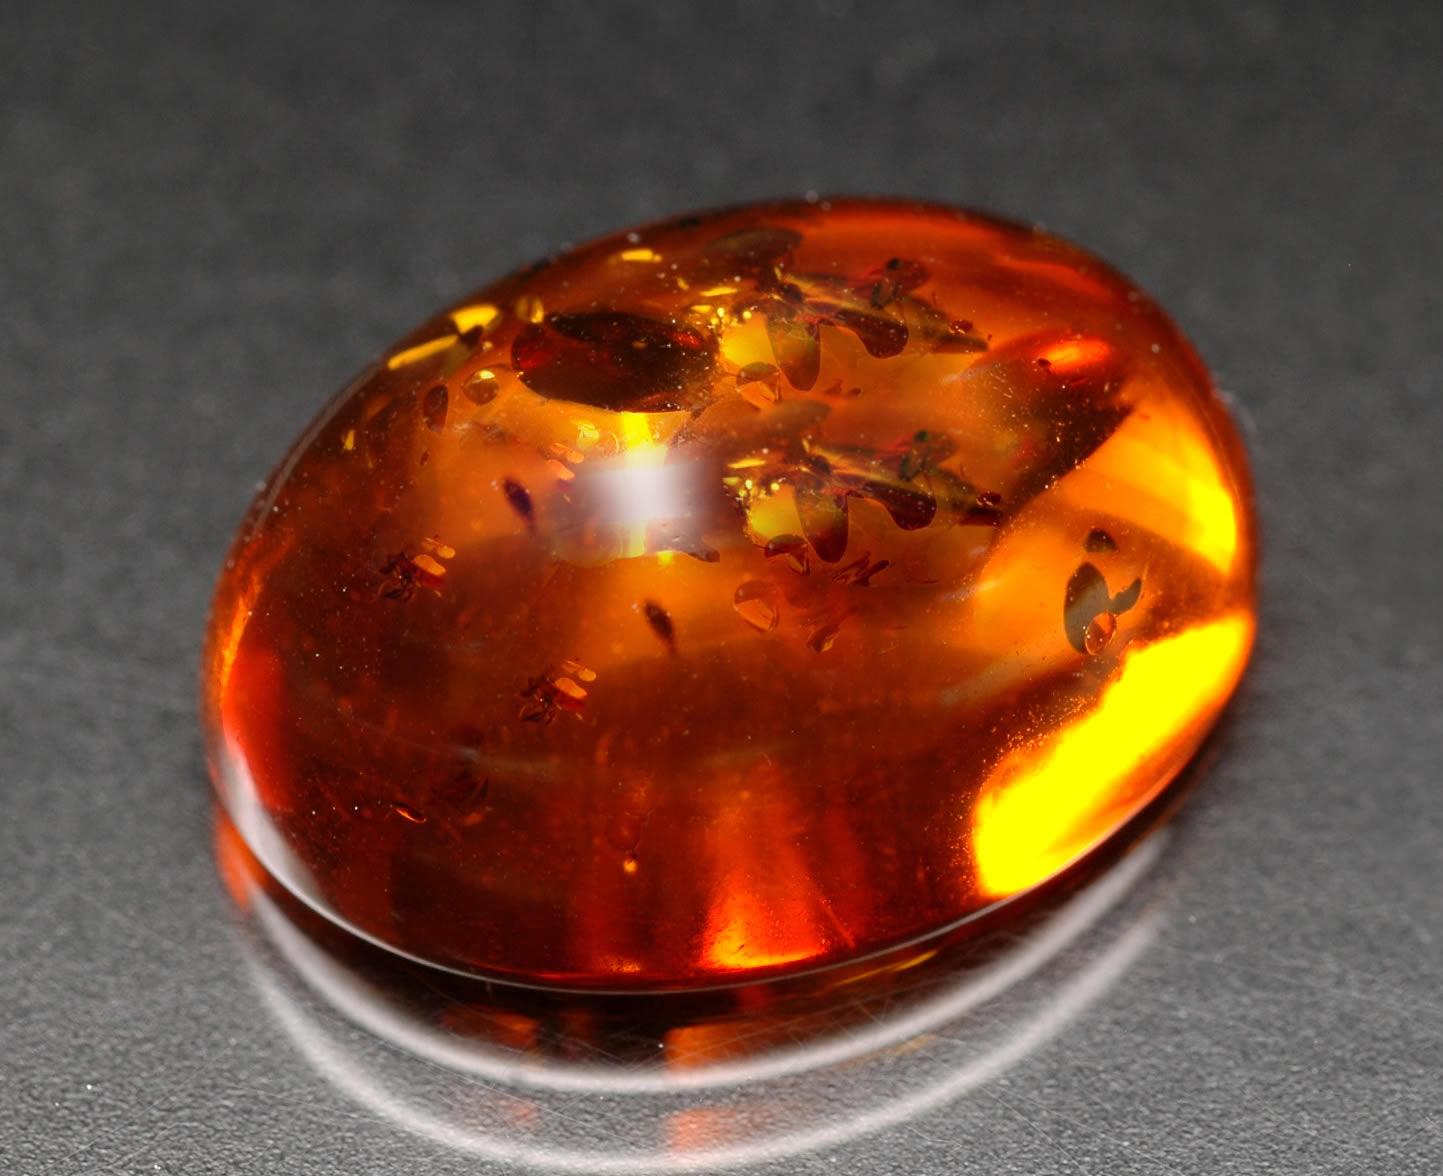 Камни и их предохраняющие и терапевтические свойства